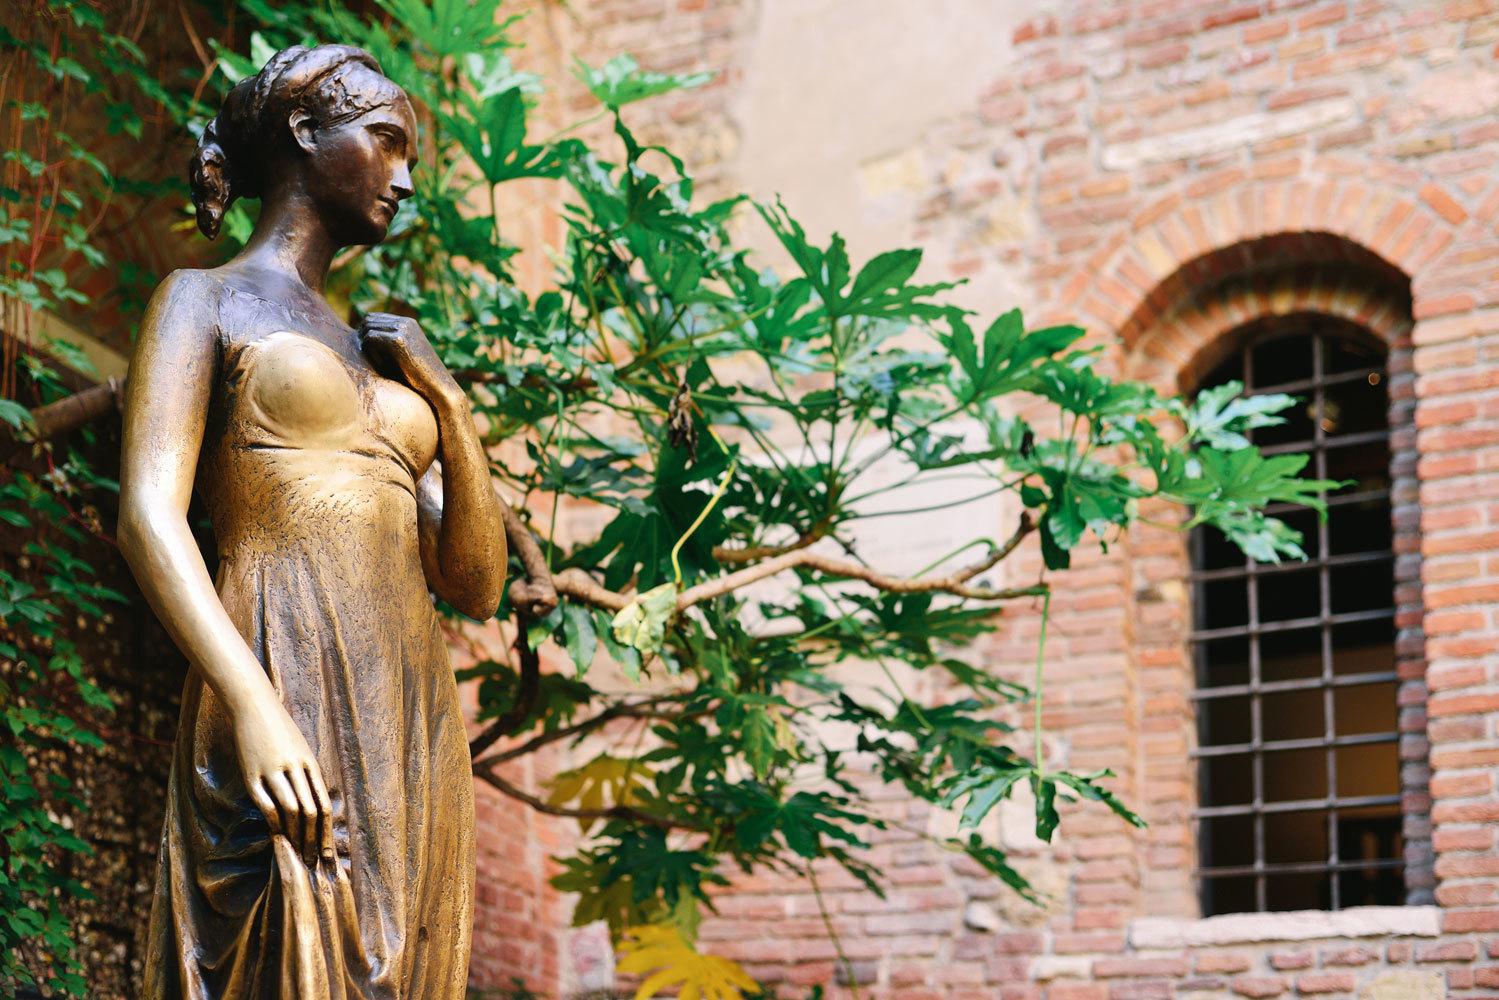 """La estatua de Julieta reposa en el patio del palacio gótico de <a href=""""http://viajes.elmundo.es/2015/06/25/europa/1435223580.html"""" target=""""_blank"""">Verona</a> en la que la joven moría de amor por su Romeo desde el balcón. Allí, junto a la <strong>plaza Erbe</strong>, cada día se agolpan cientos de visitantes (ahora con el <strong>coronavirus </strong>son muchos menos y, además, hay que respetar, al igual que en el resto de lugares de esta ruta, las normas impuestas por la pandemia) deseosos de tocar un pecho a la musa de <strong>William Shakespeare</strong>. ¿El objetivo? Volver a Verona o encontrar el verdadero amor."""